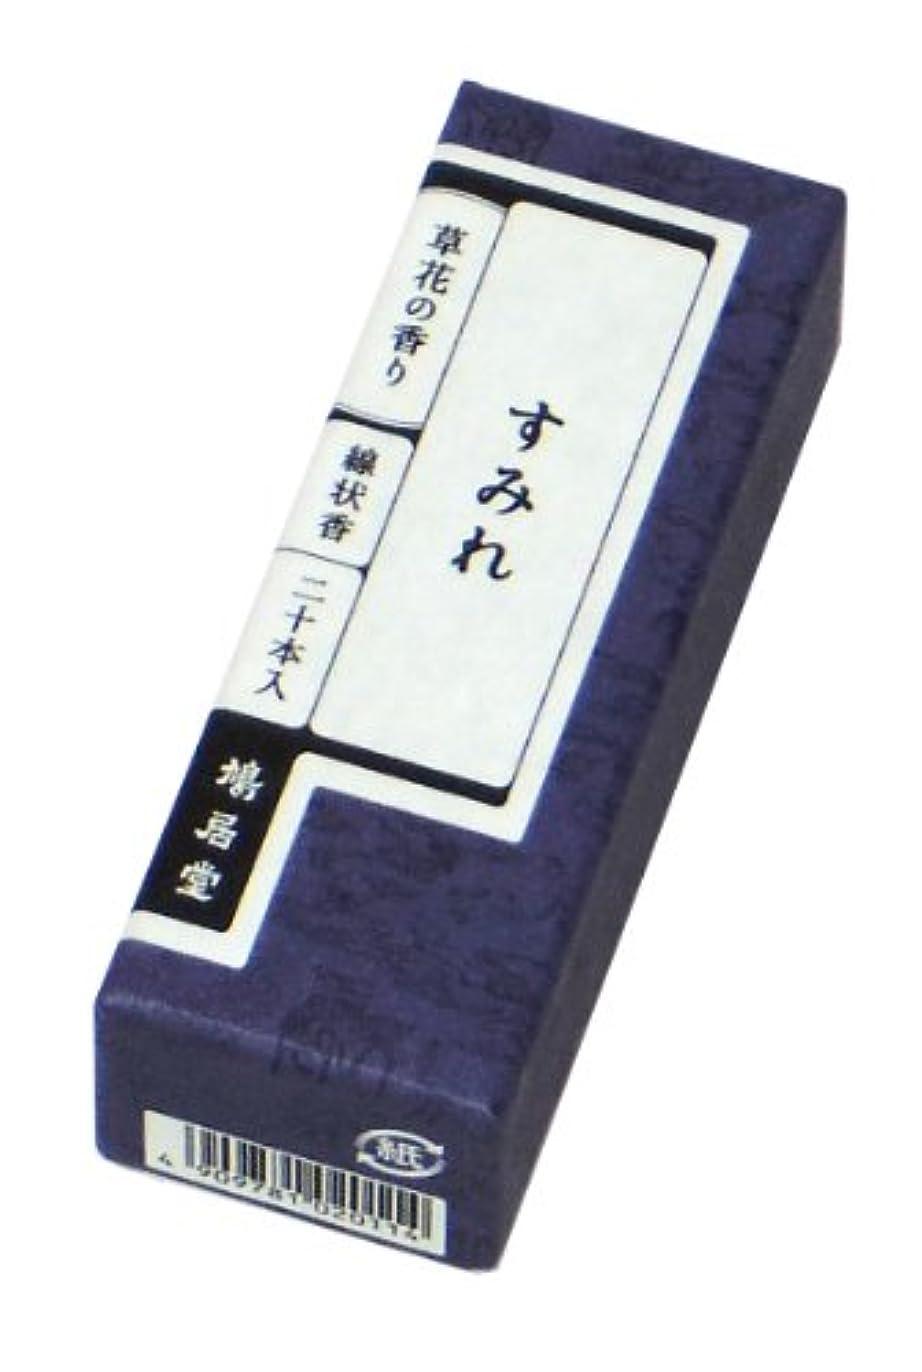 ビジョン誠実さ相互接続鳩居堂のお香 草花の香り すみれ 20本入 6cm